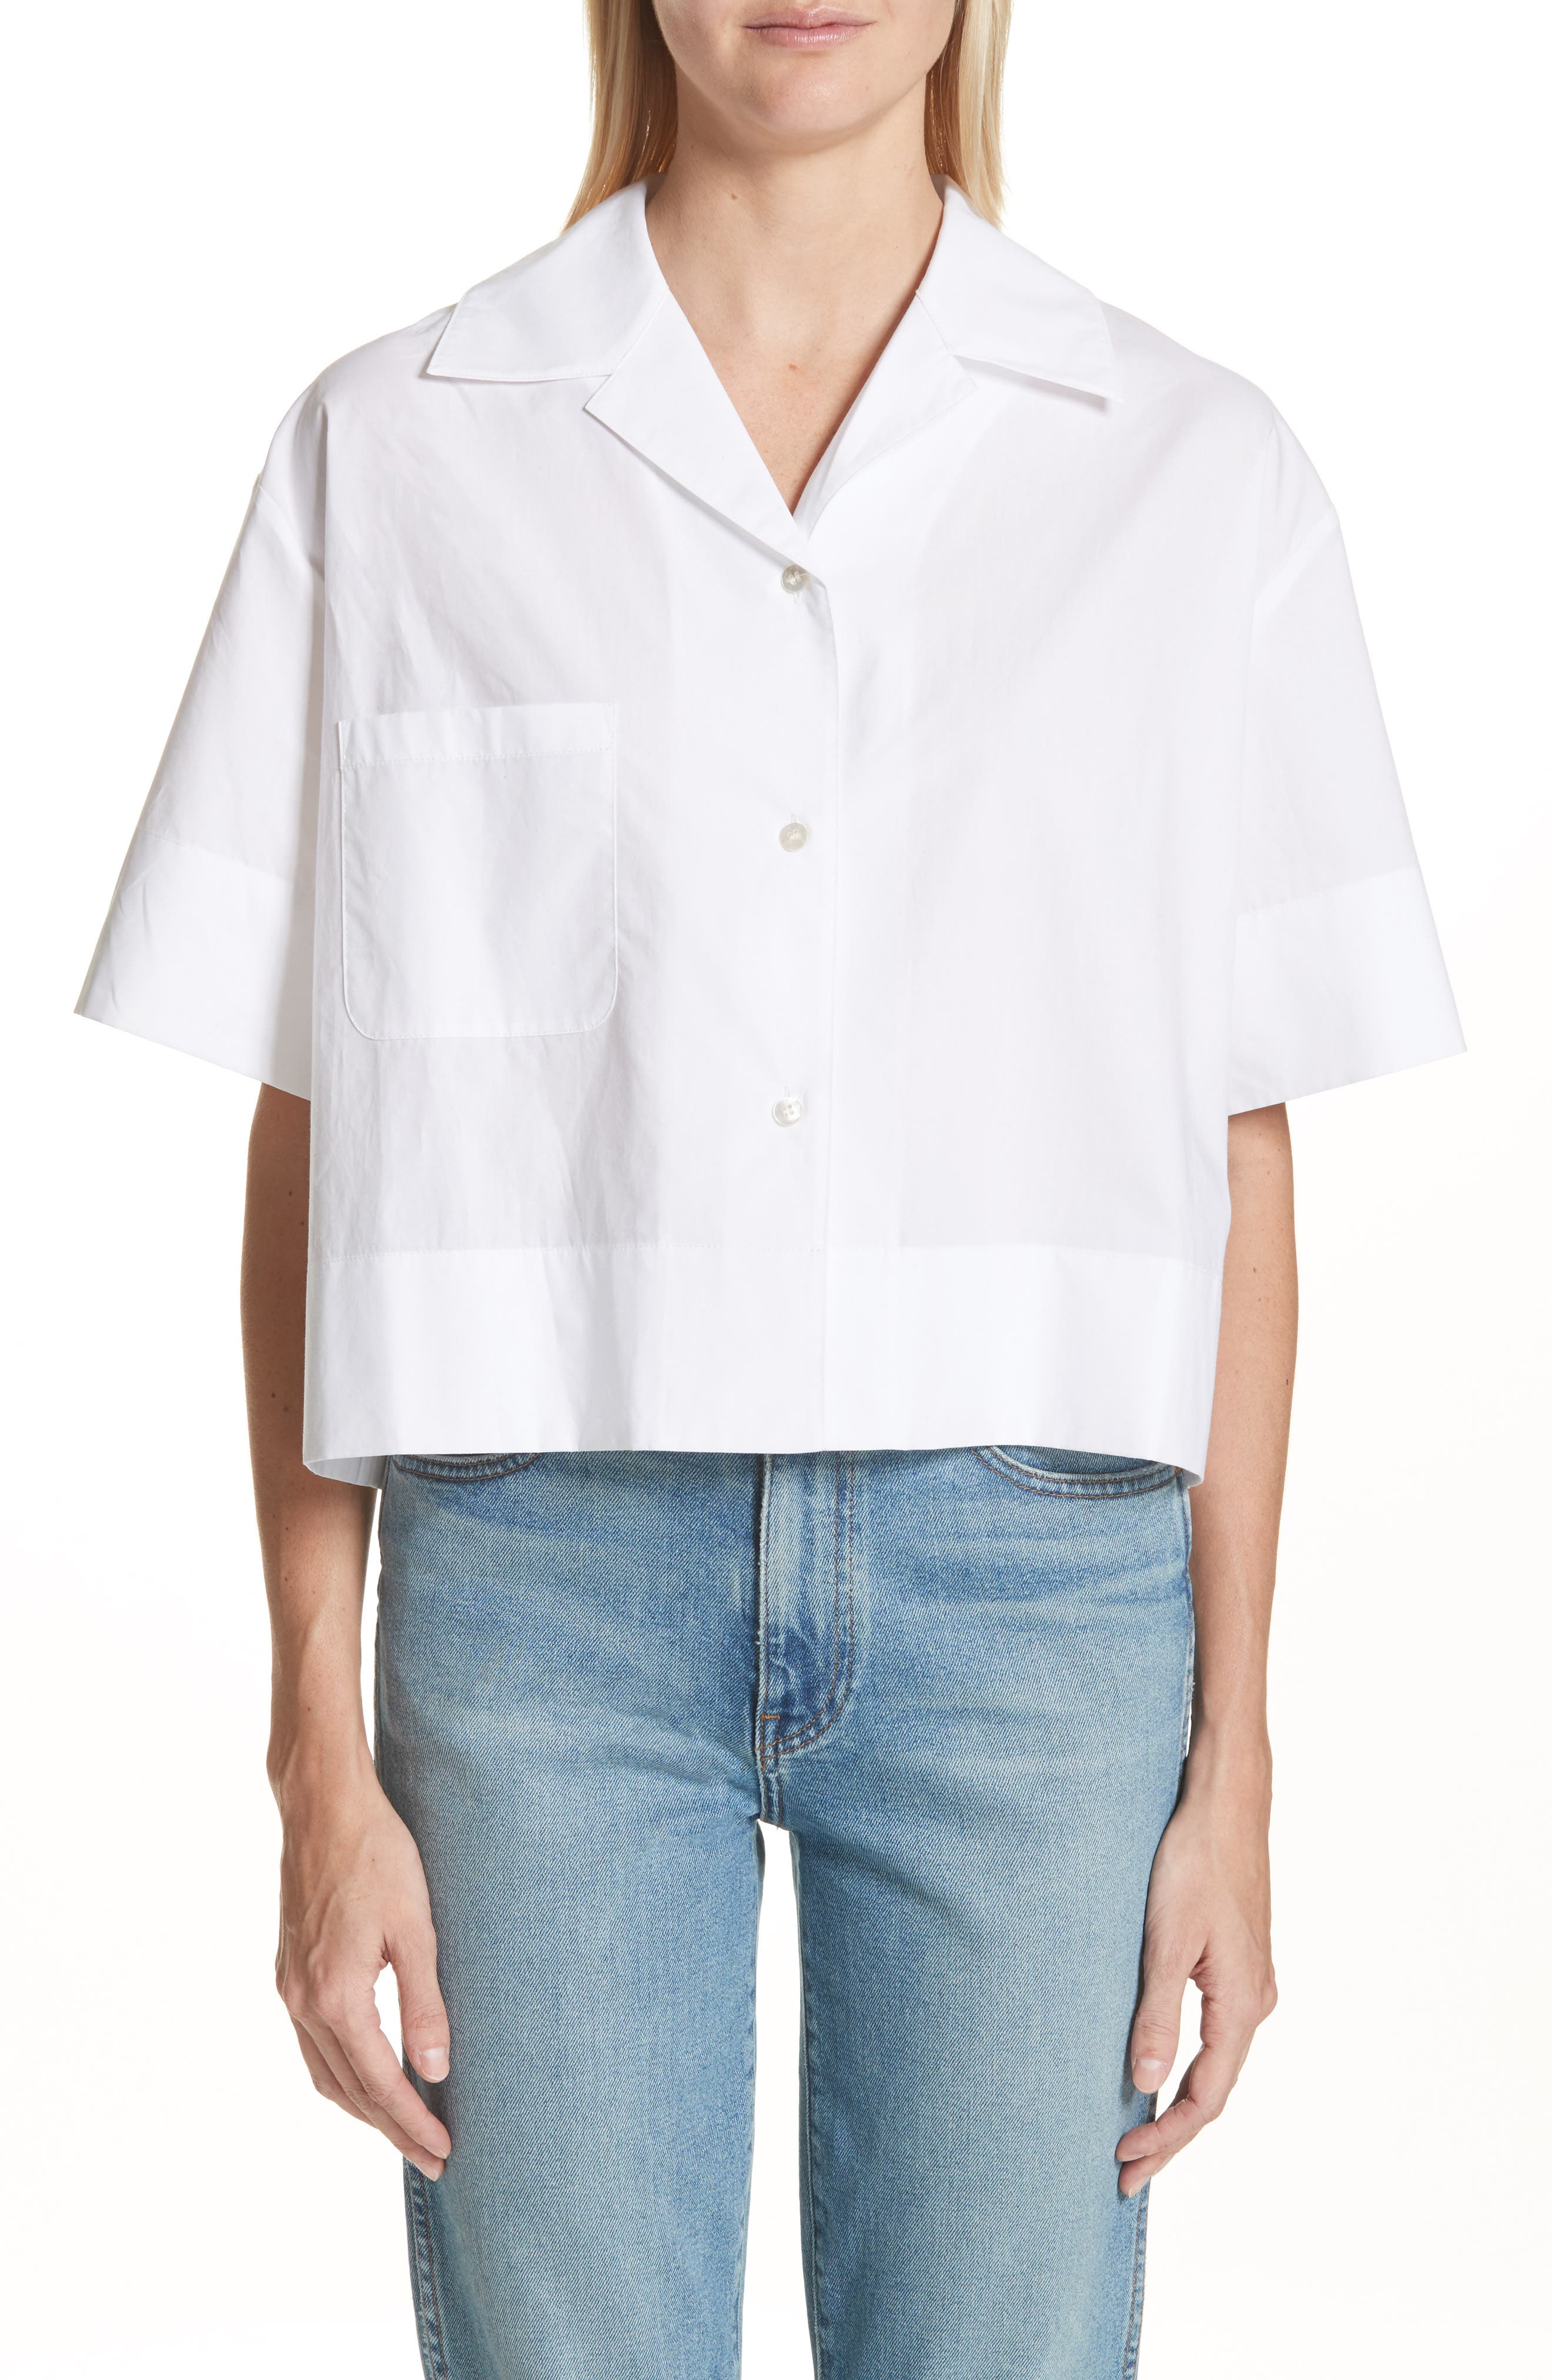 Lelia Crop Blouse,                         Main,                         color, White